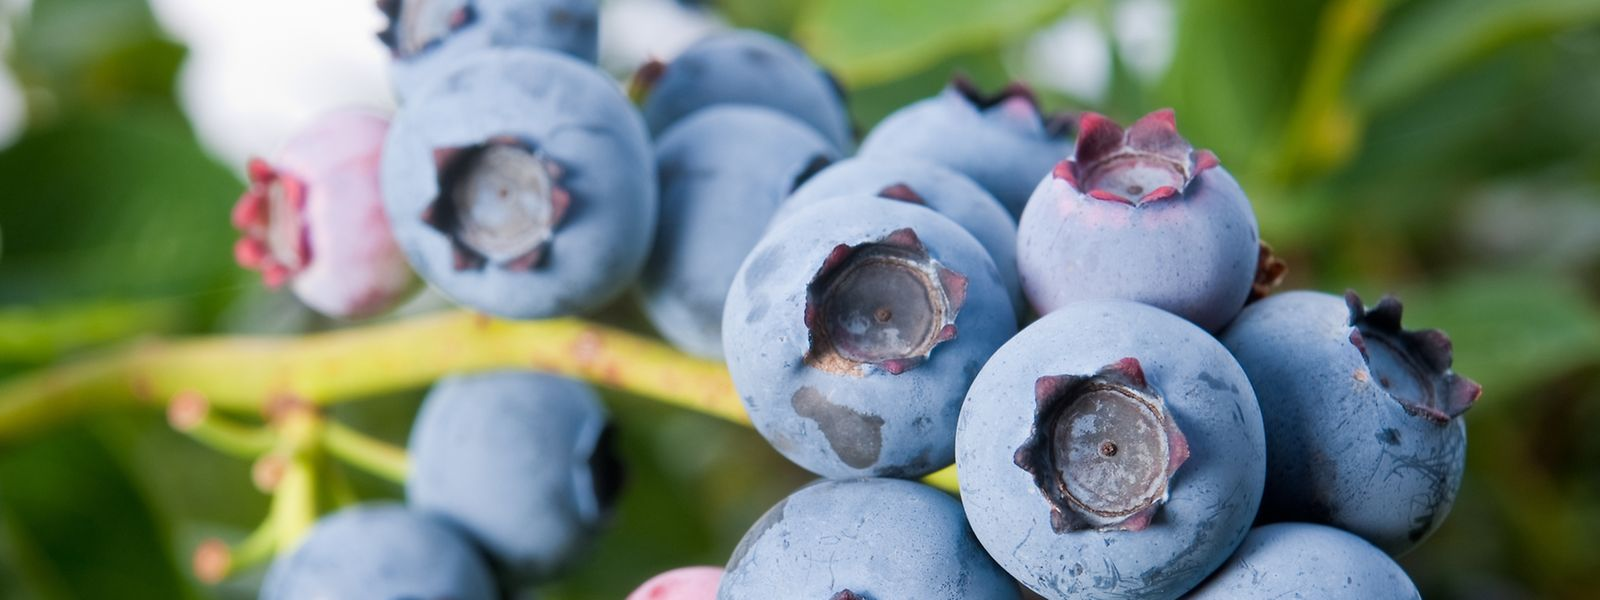 Heidelbeeren lassen sich im Garten züchten - und sie zählen zum derzeit so gehypten Superfood.